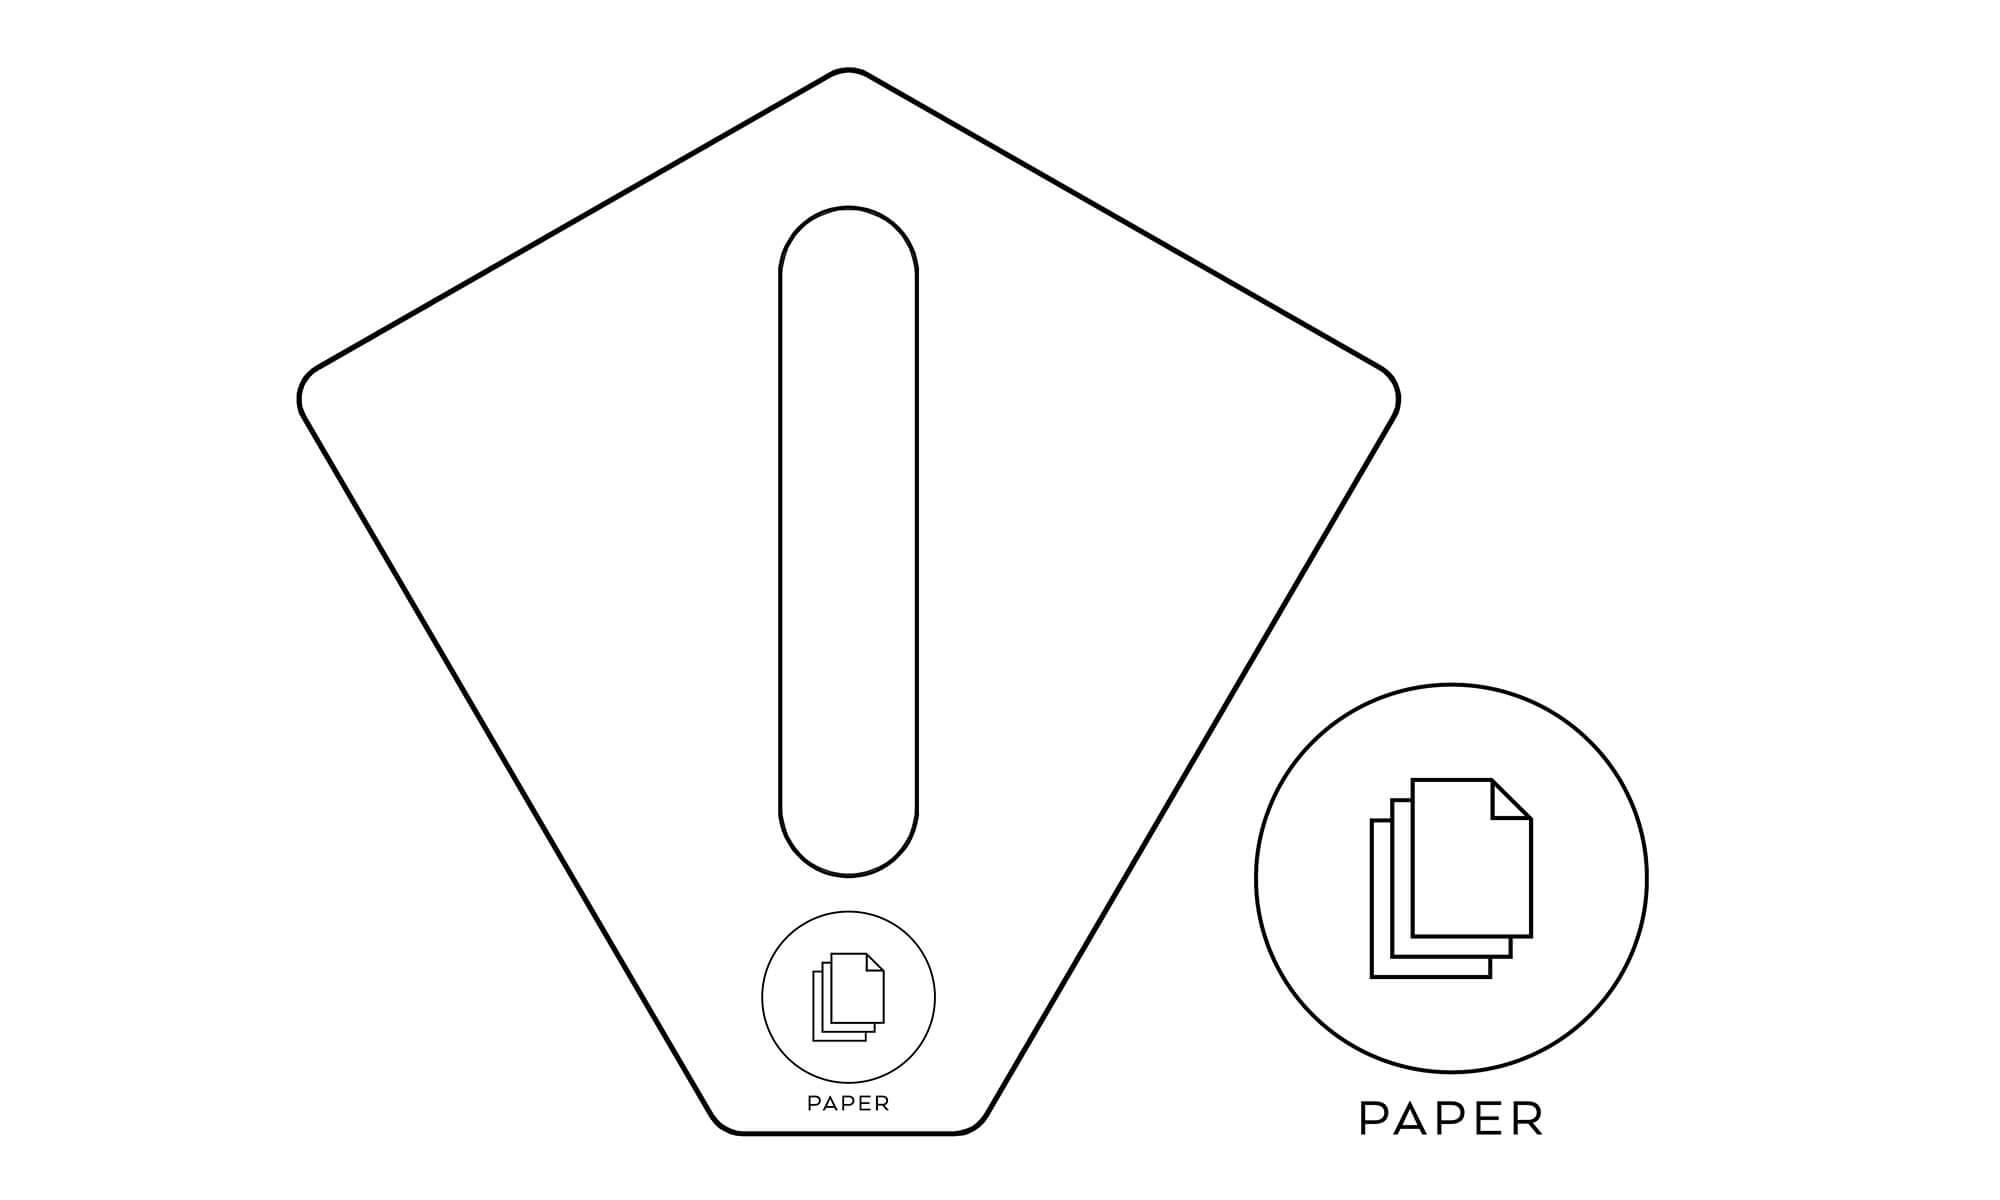 källsortering papper kite recycling paper